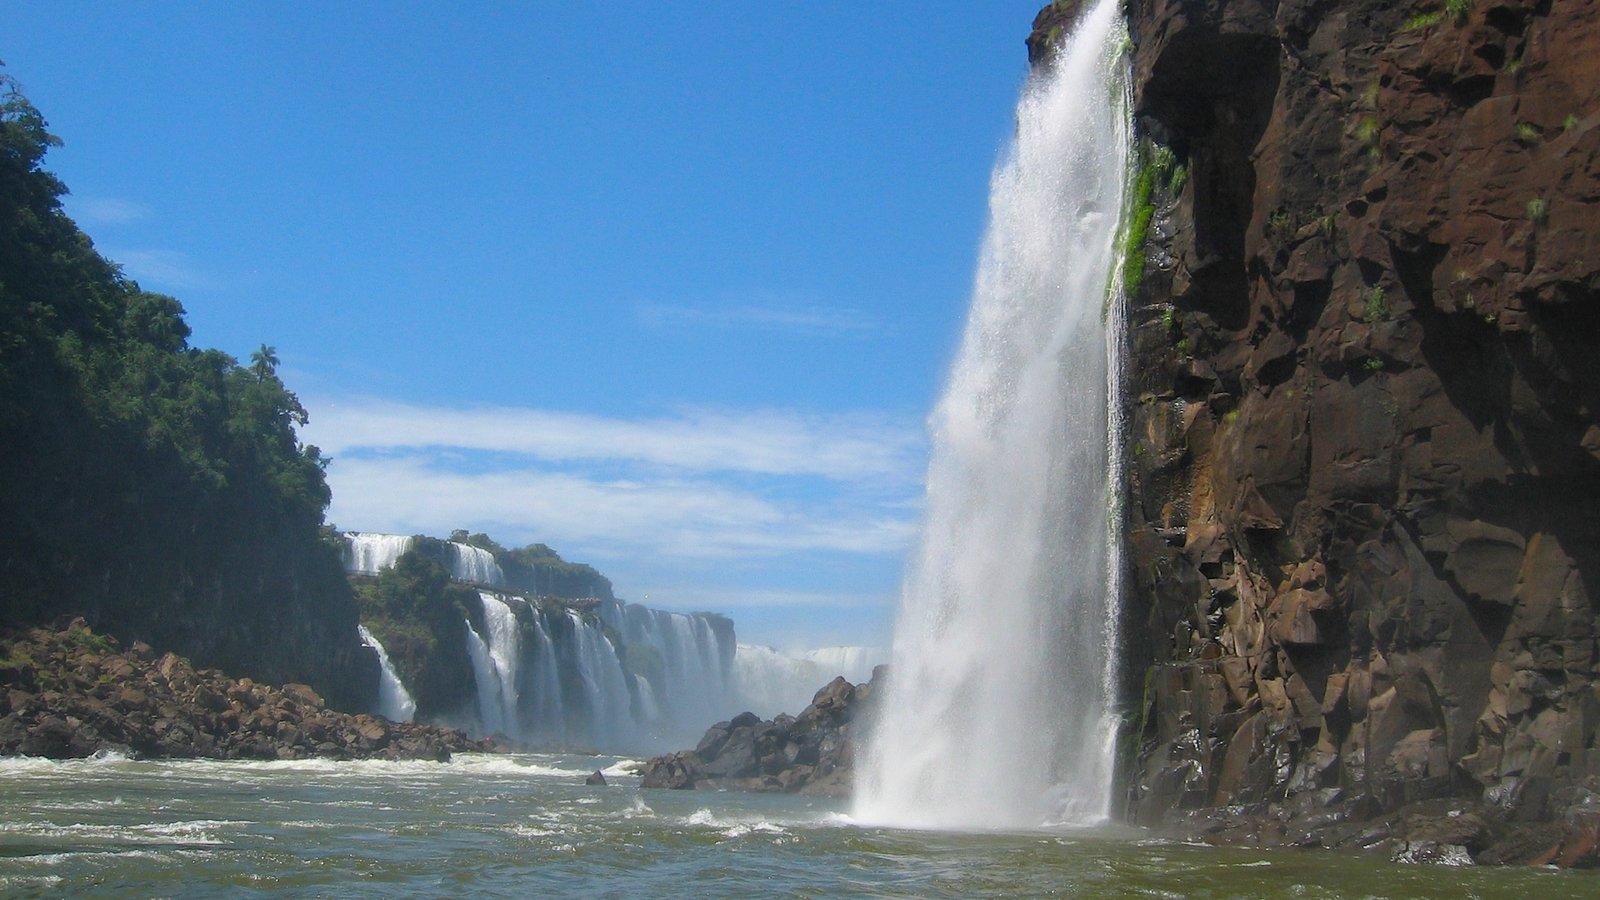 Região Sul mostrando floresta tropical, um rio ou córrego e uma cascata